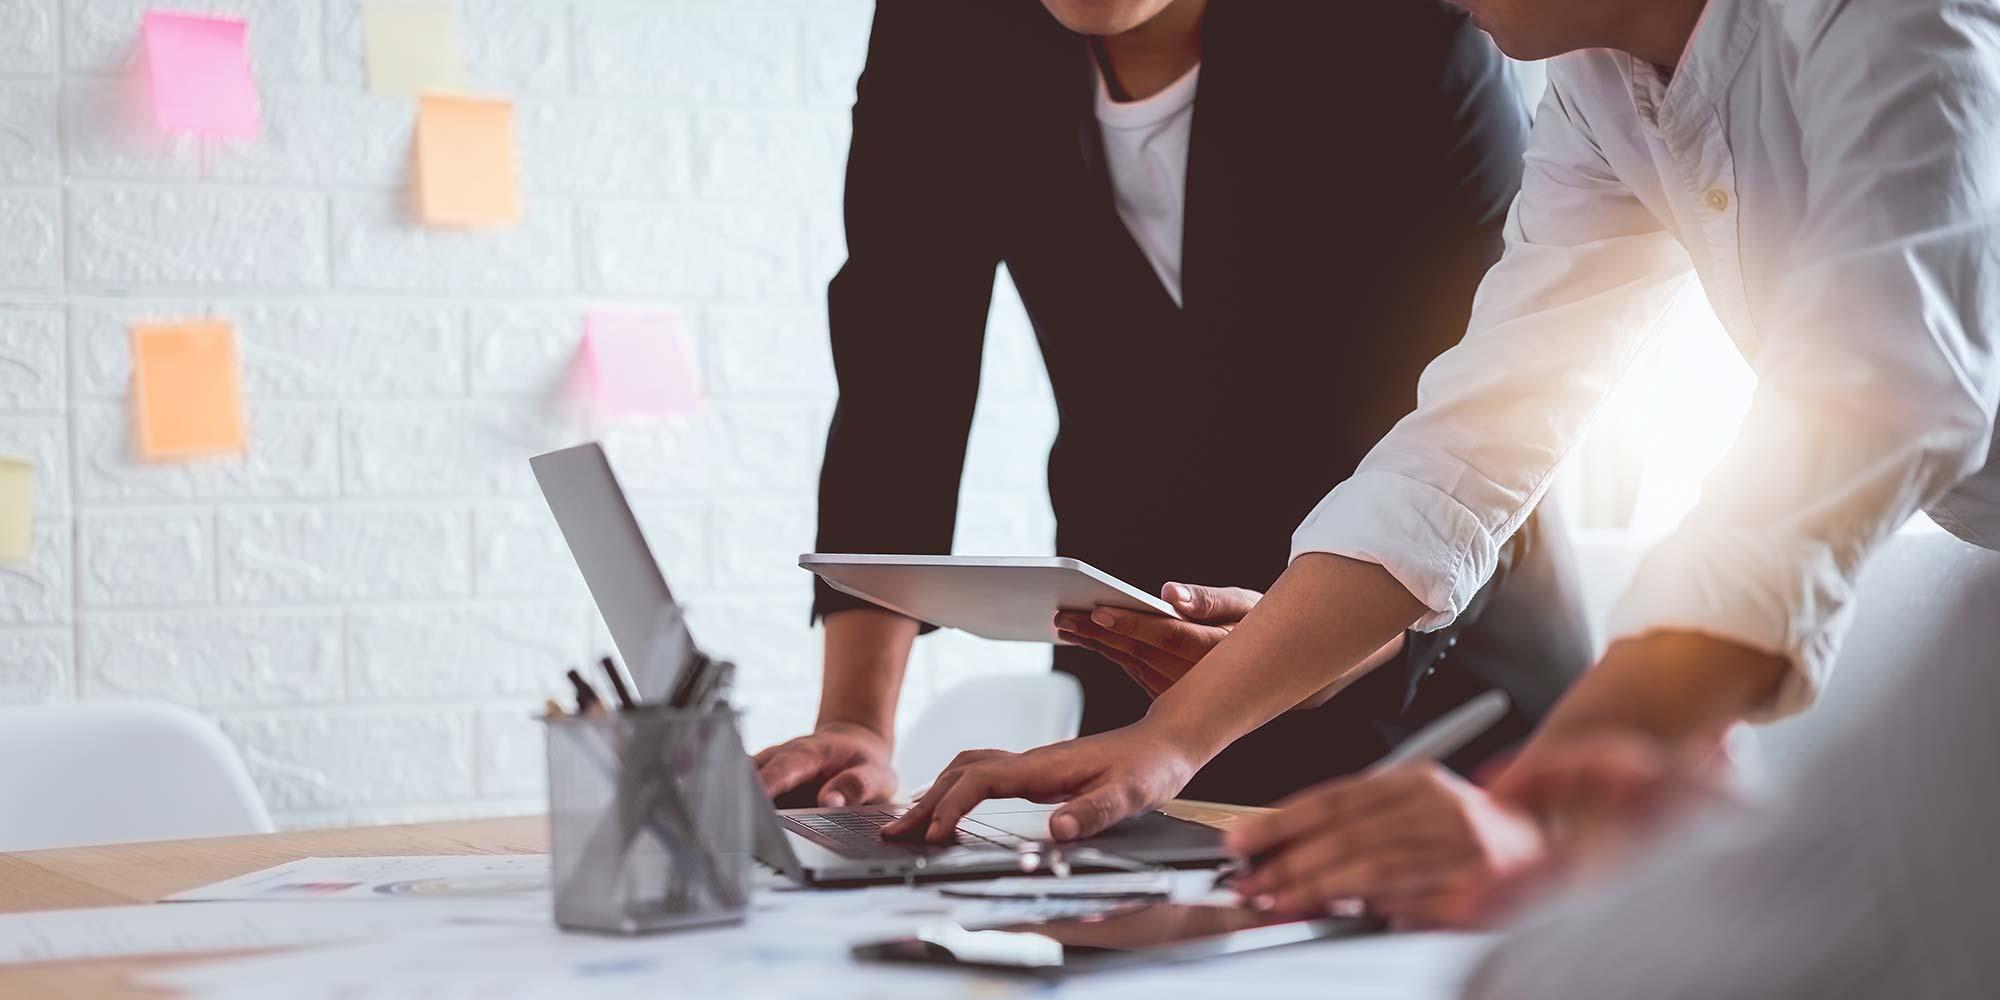 Como divulgar seus serviços sem violar as regras para marketing jurídico?